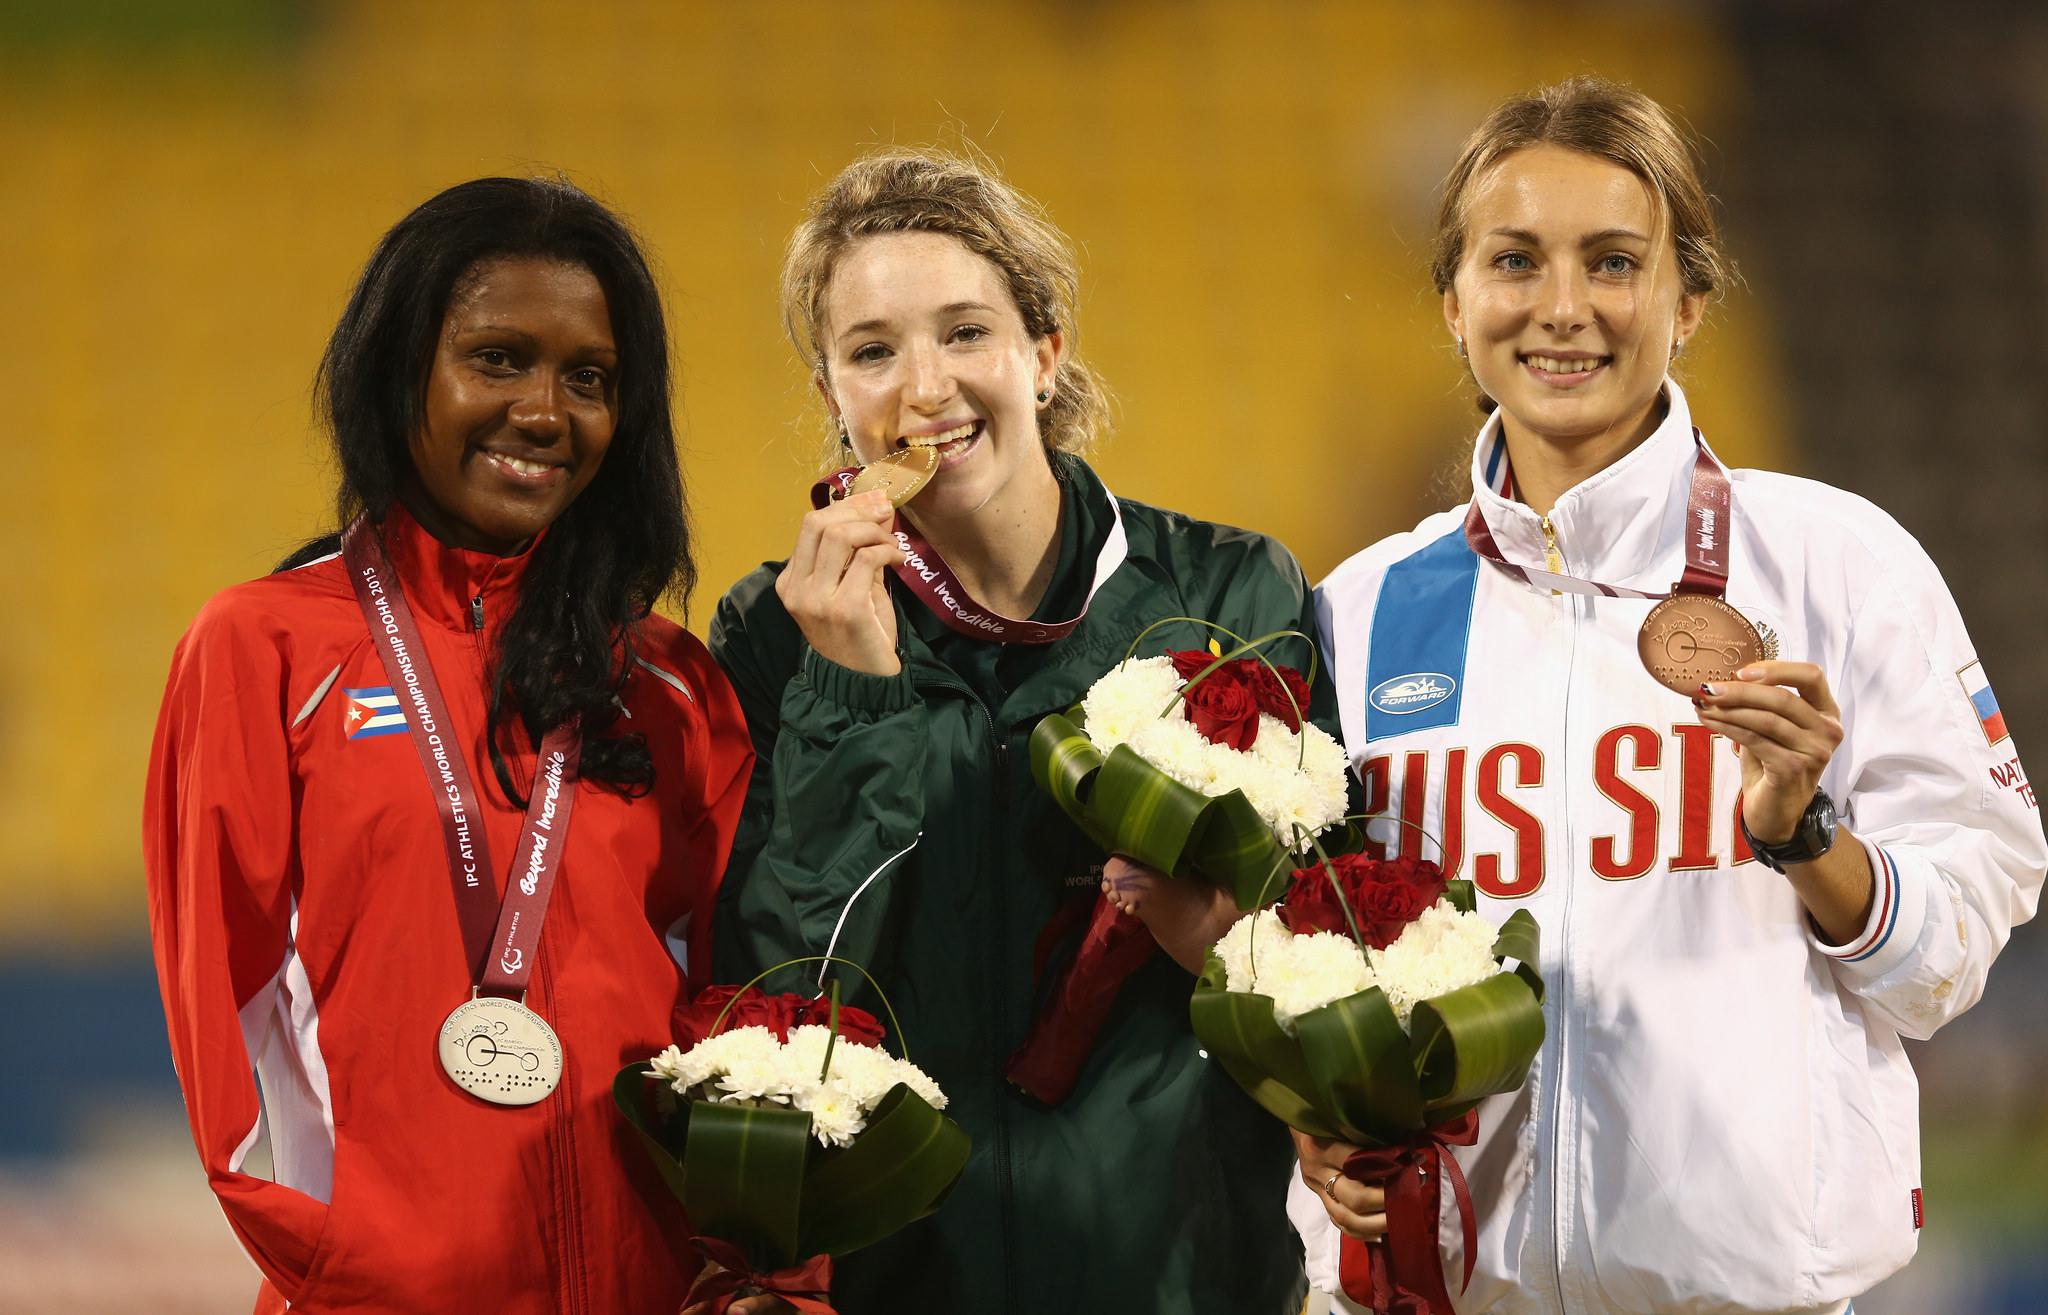 Российский легкоатлеты выиграли 1 золото, 1 серебро и 2 бронзы в пятый день чемпионата мира IPC в Катаре